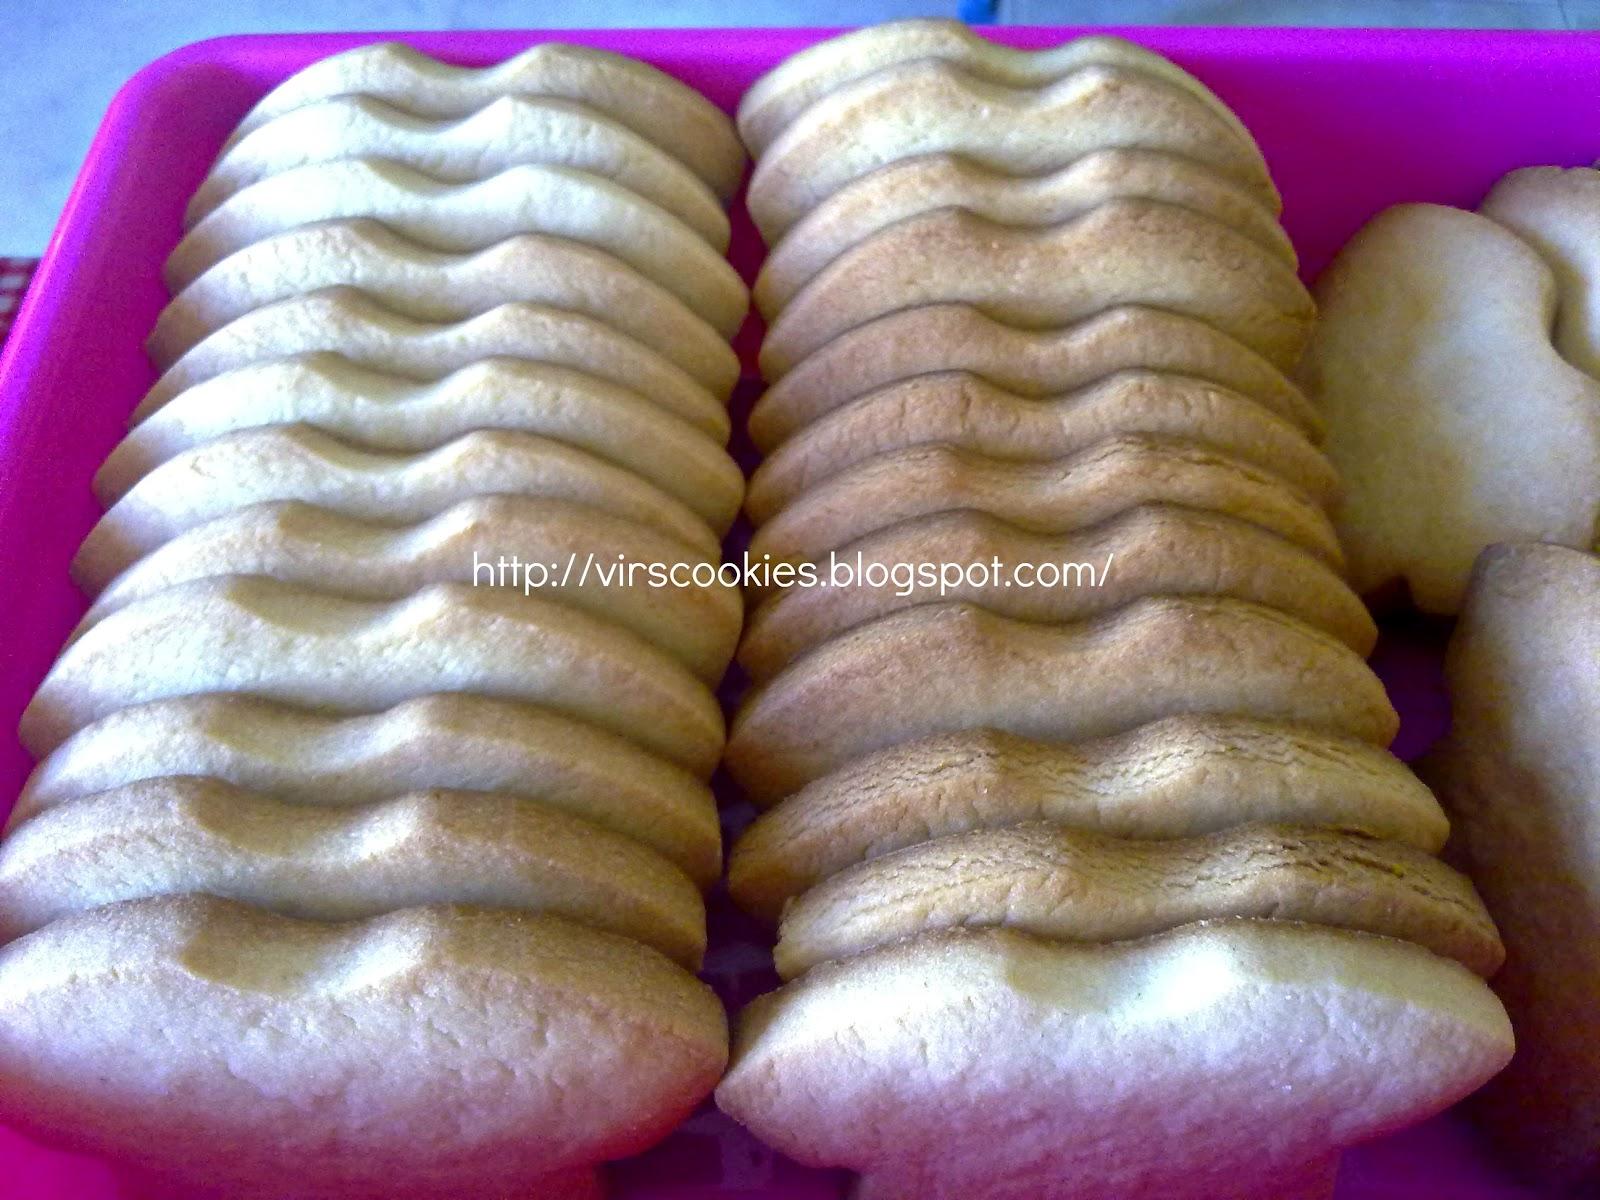 http://1.bp.blogspot.com/-ysRZRz4hVC0/T9SSzrJsSFI/AAAAAAAABGw/BKw1VaJ_X7Q/s1600/Cumplea%C3%B1os+Unai+Vir%C2%B4s+Cookies.jpg